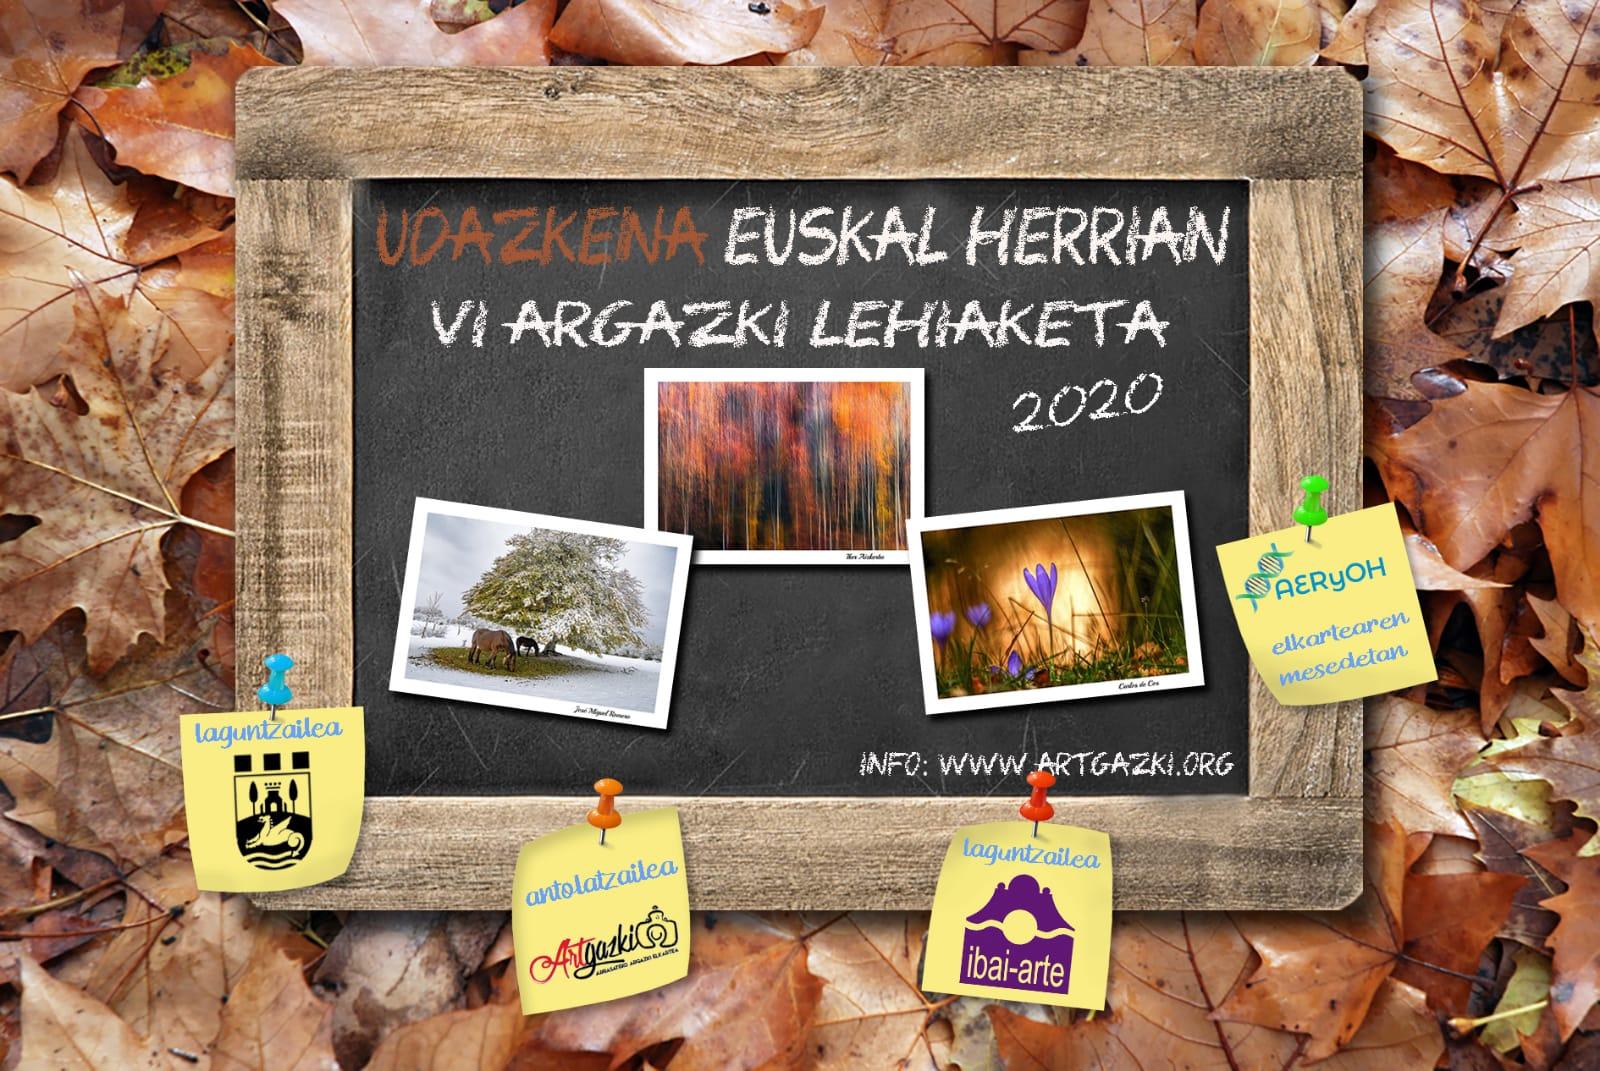 Udazkena Euskal Herrian 2020 / El Otoño en Euskal Herria 2020